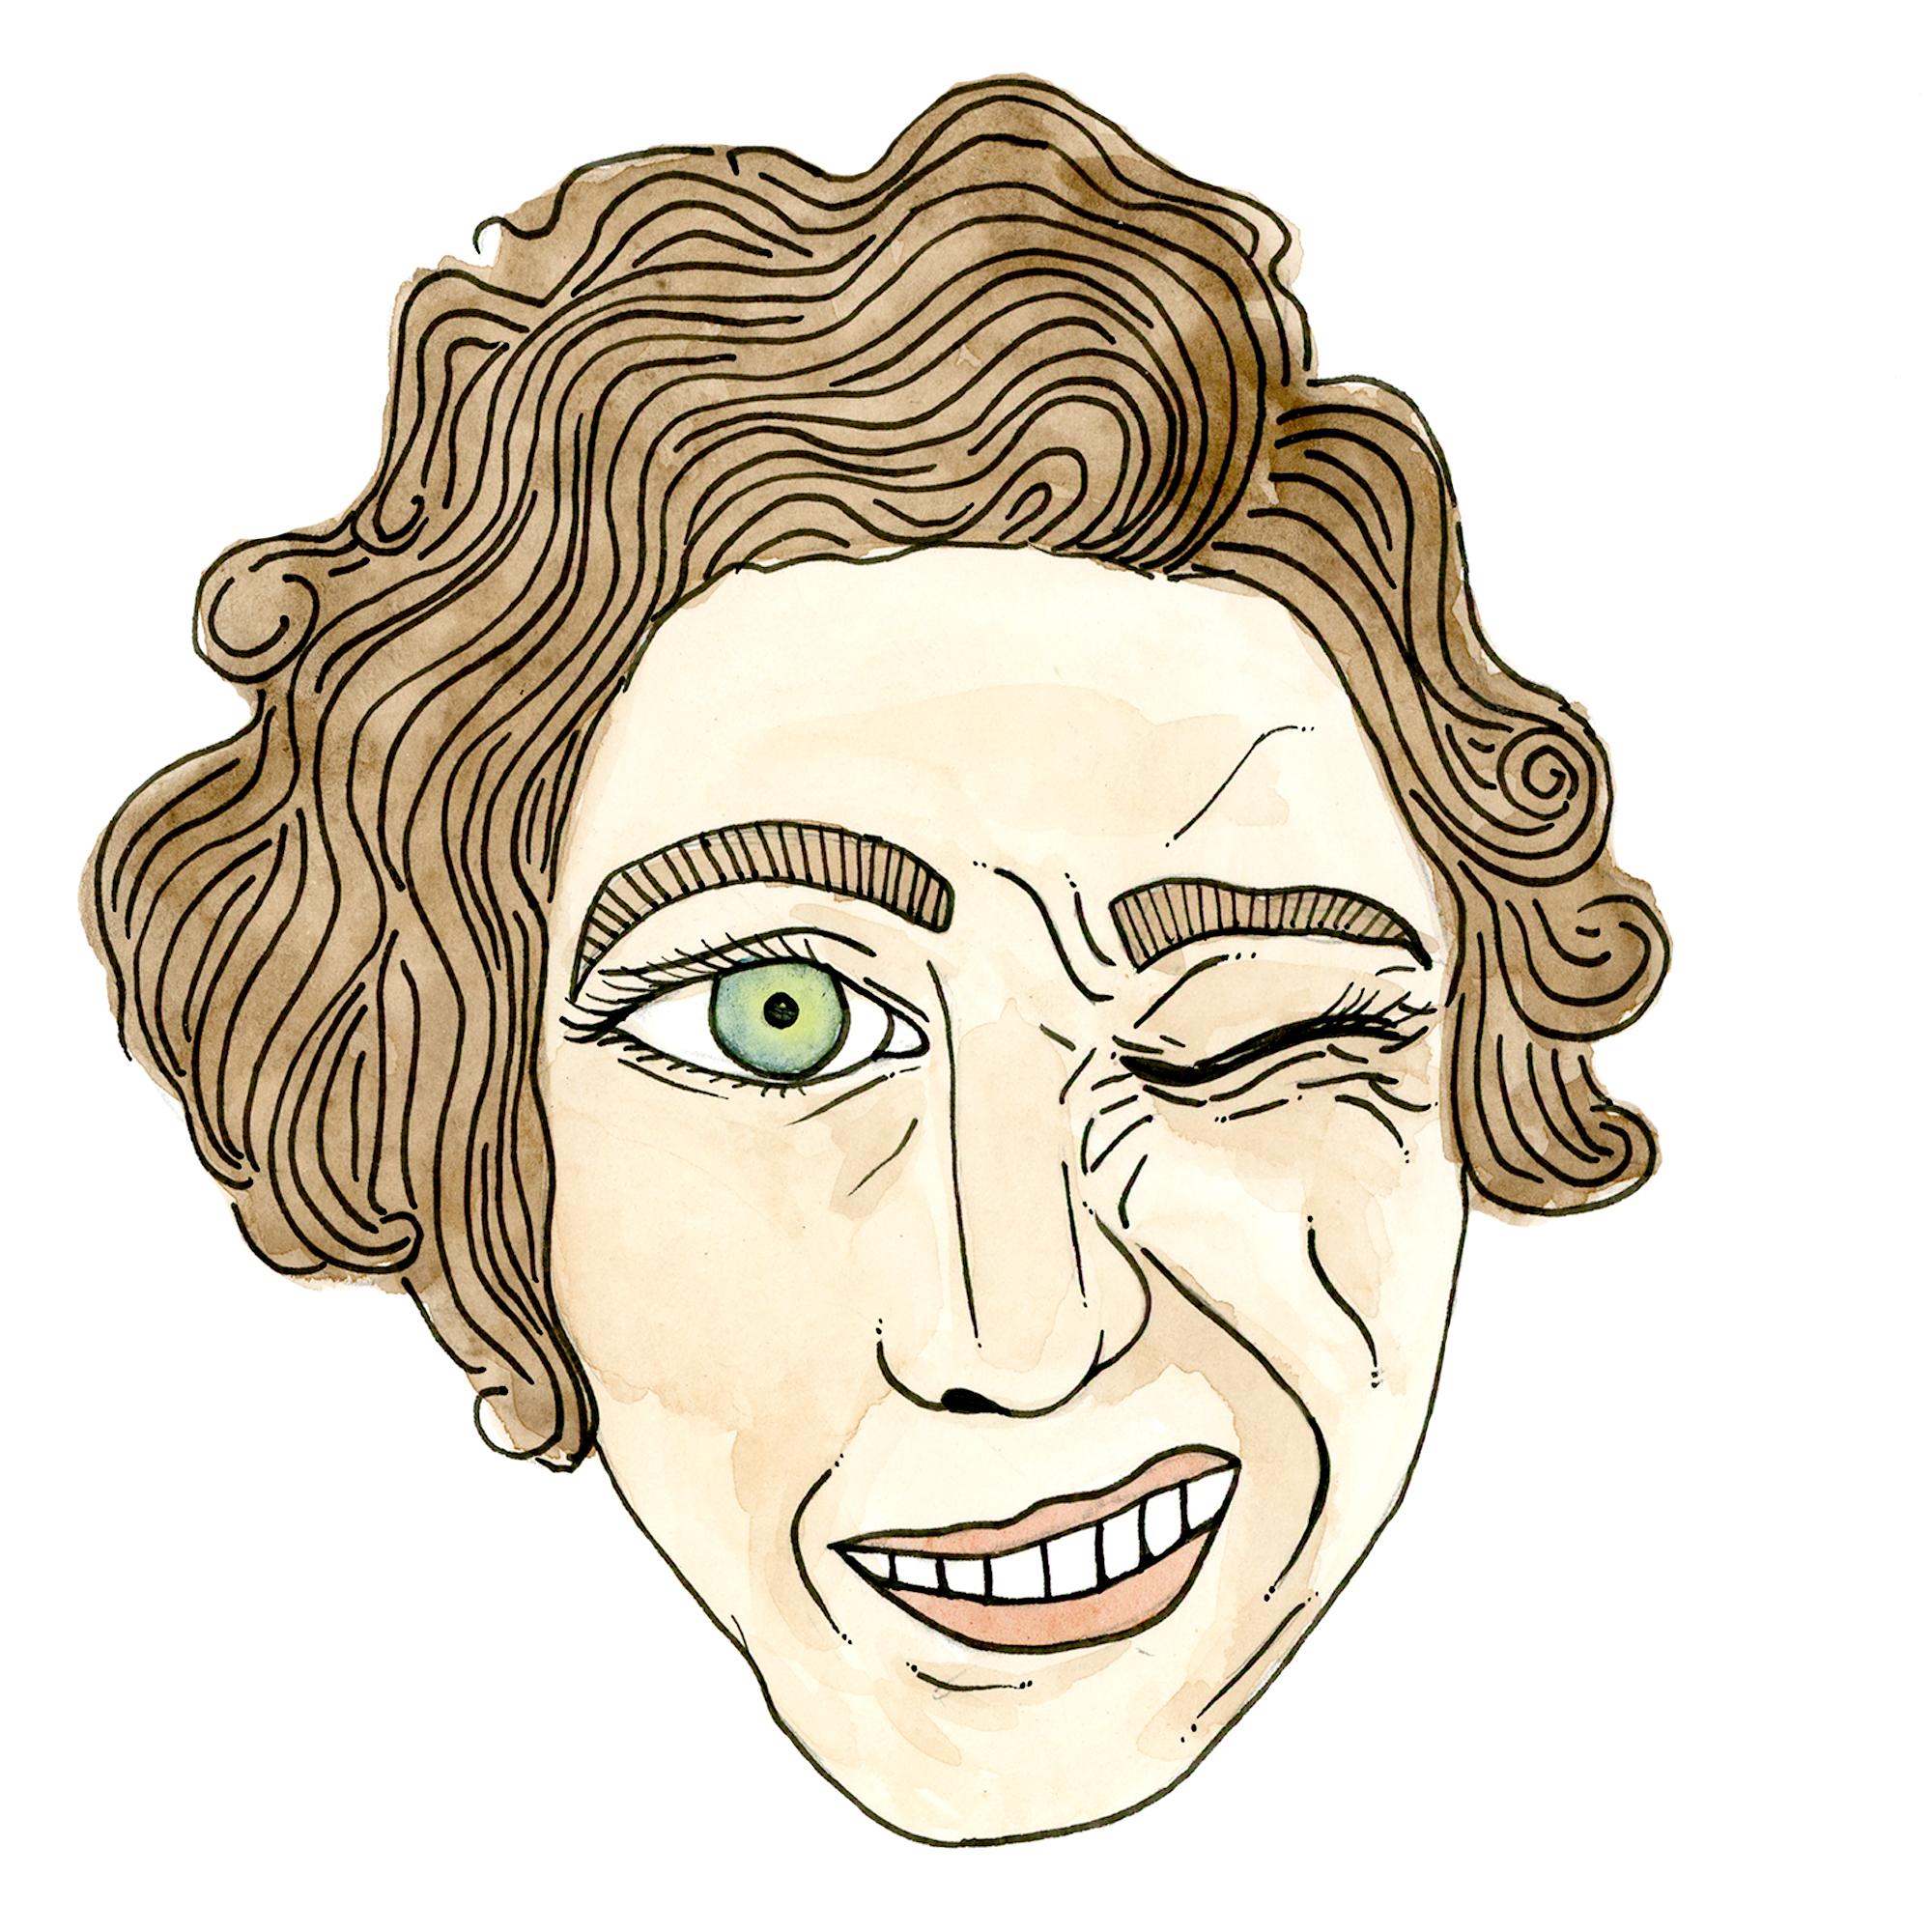 Face_Melissa_Illustrations_2000x2000_.jpg